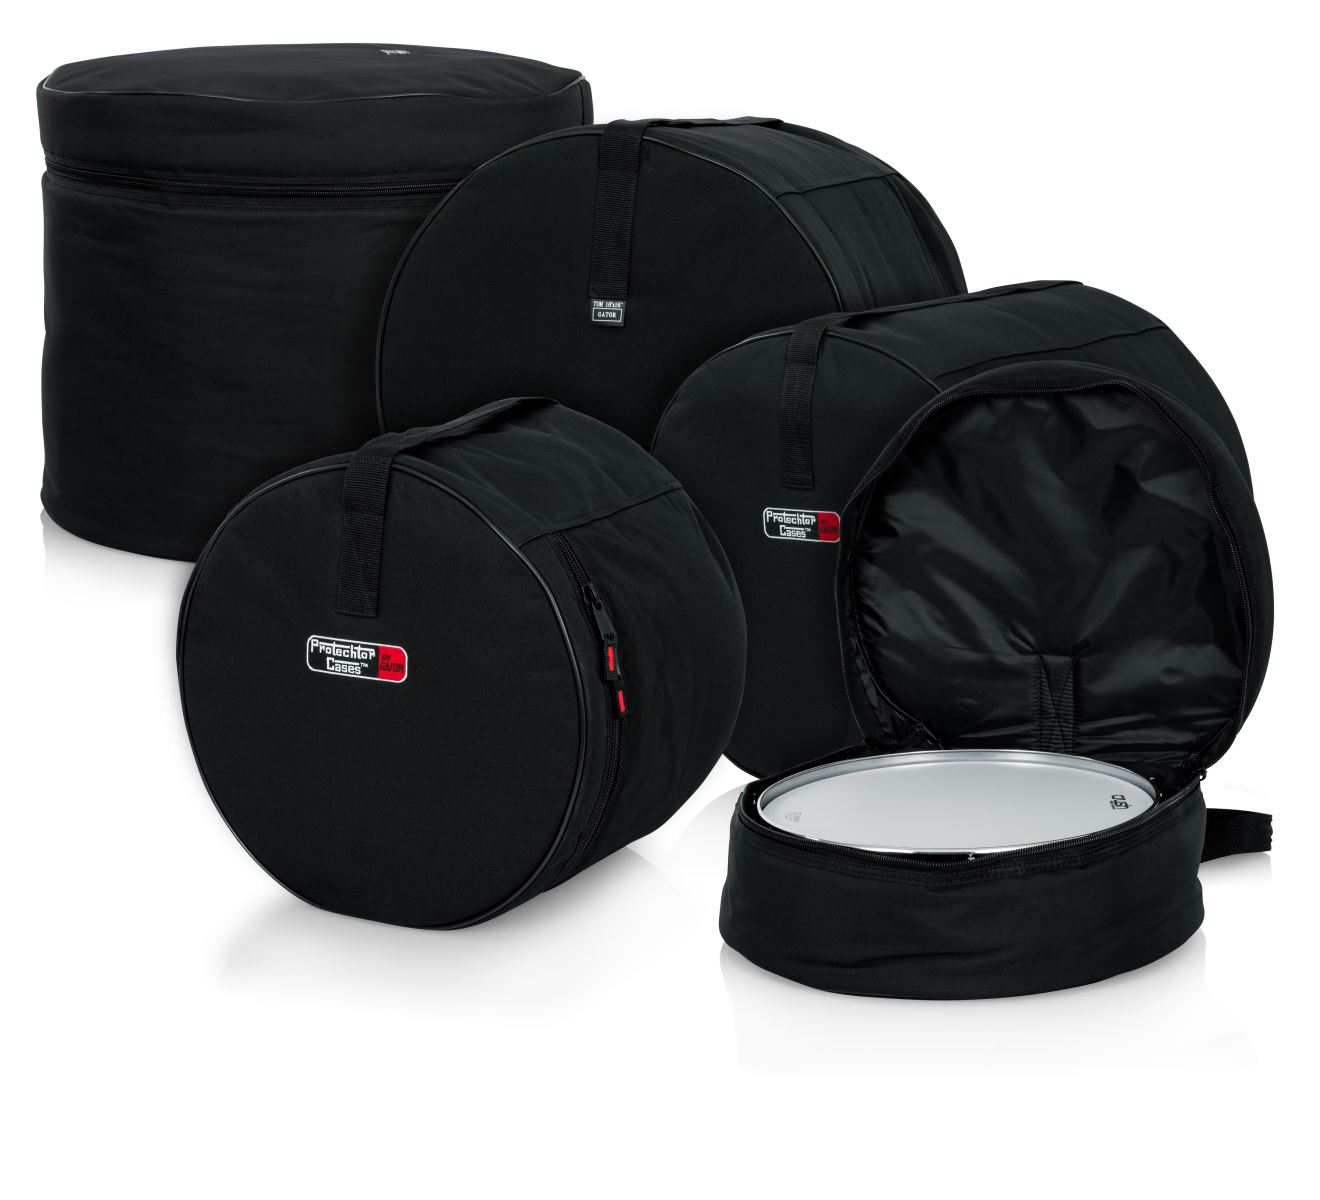 ドラムセット用バッグセット 5ピース・フュージョンセット ドラムバッグ ドラムケース ドラムセット用ケース GP-FUSION16 バスドラム タム フロアタム スネア